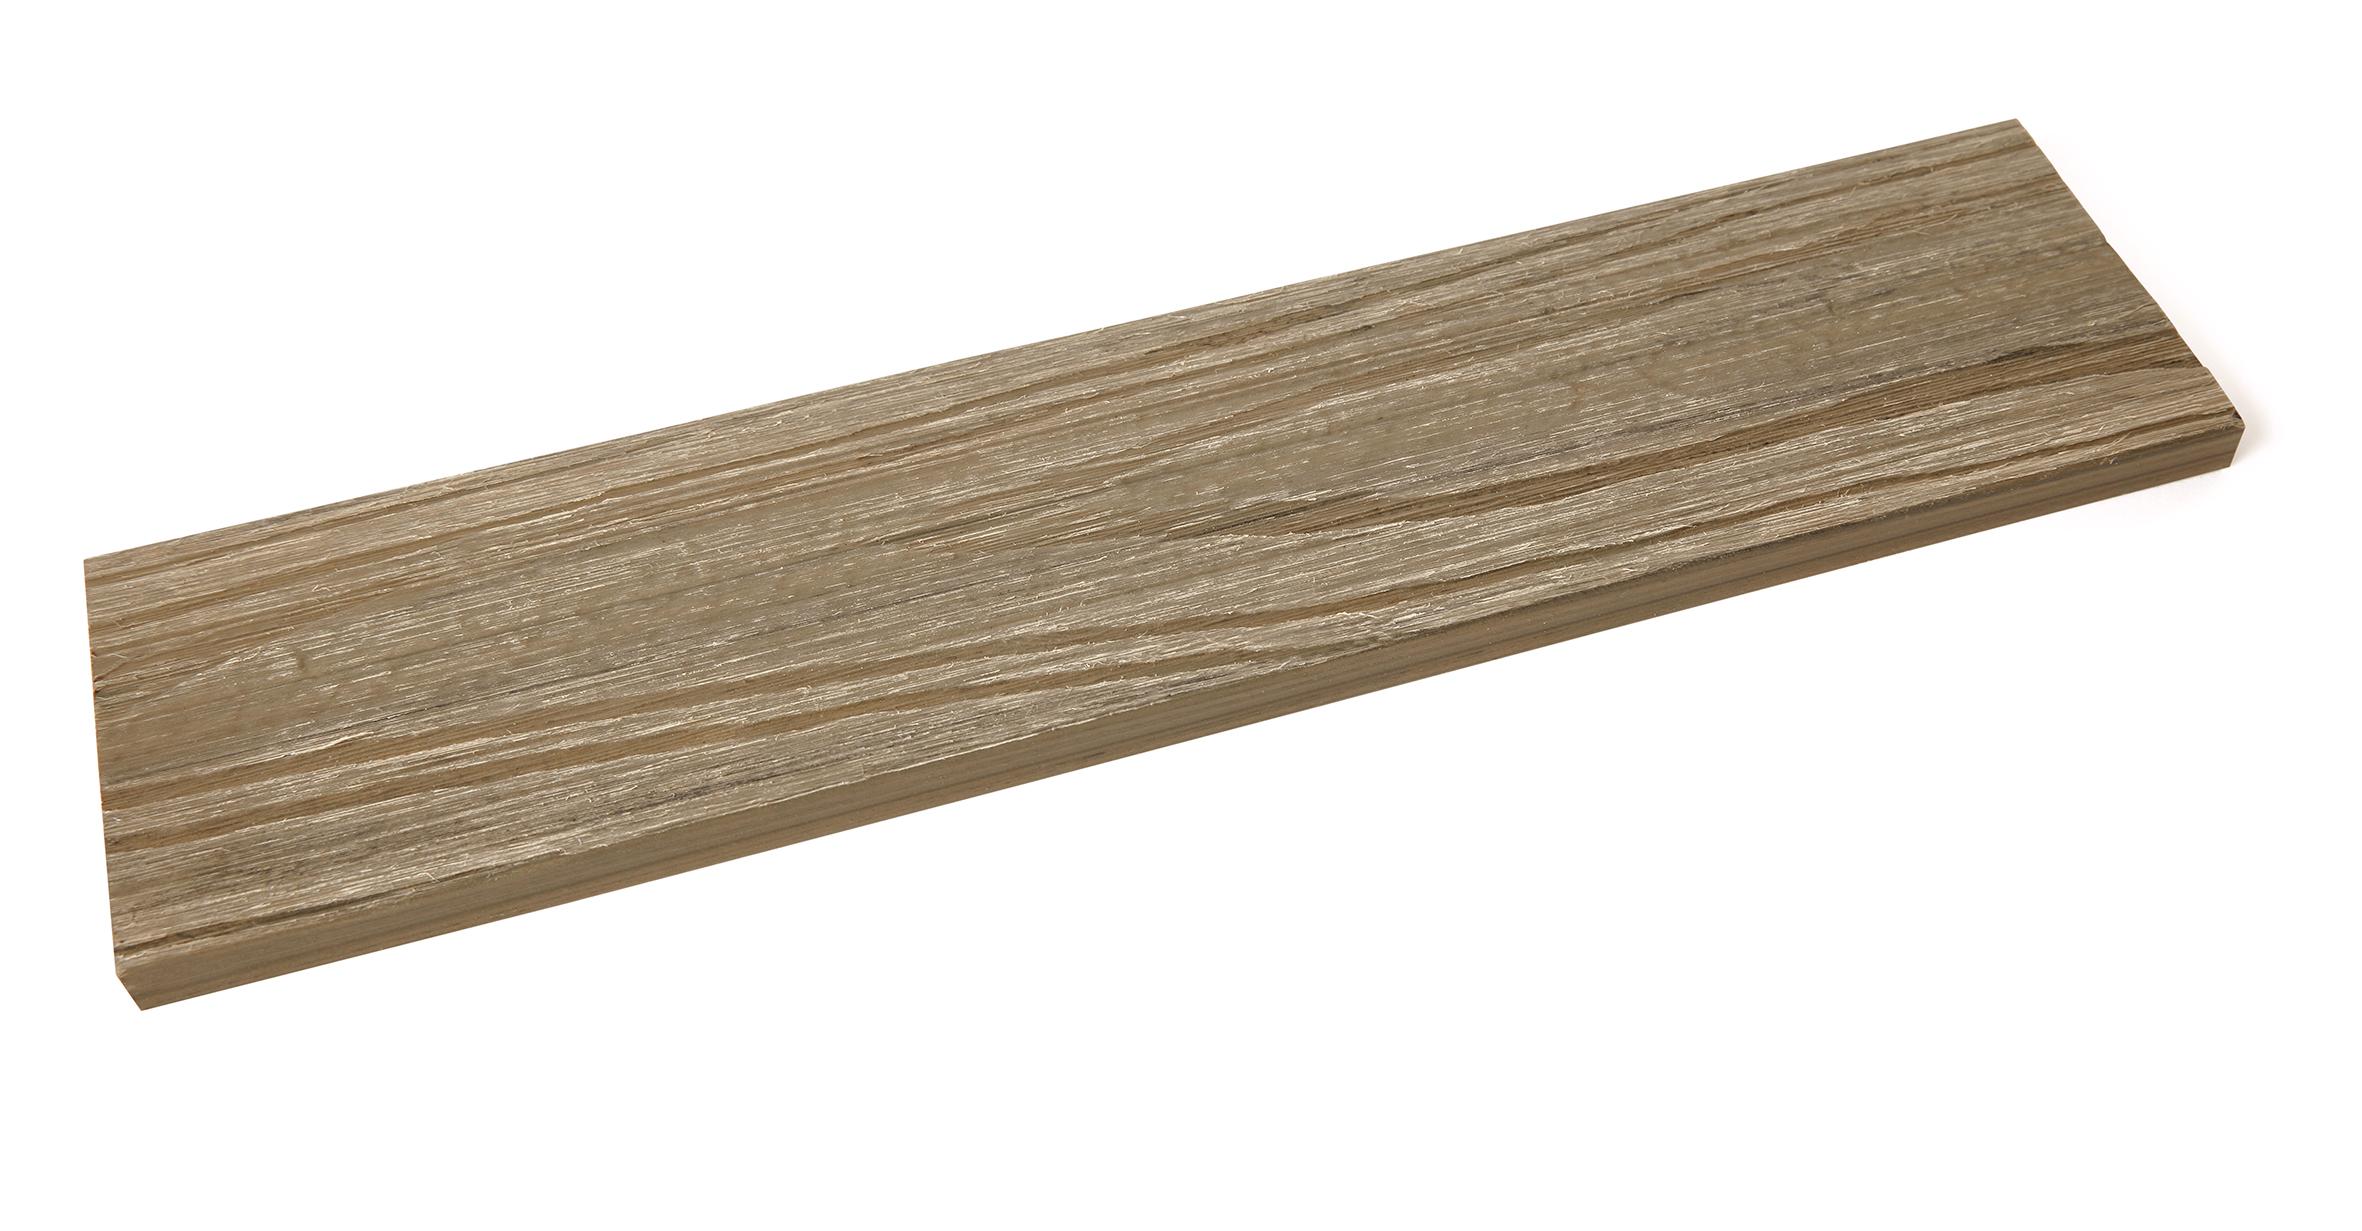 HD Deck Dual Fascia Natural Oak 72mm x 11mm x 3600mm